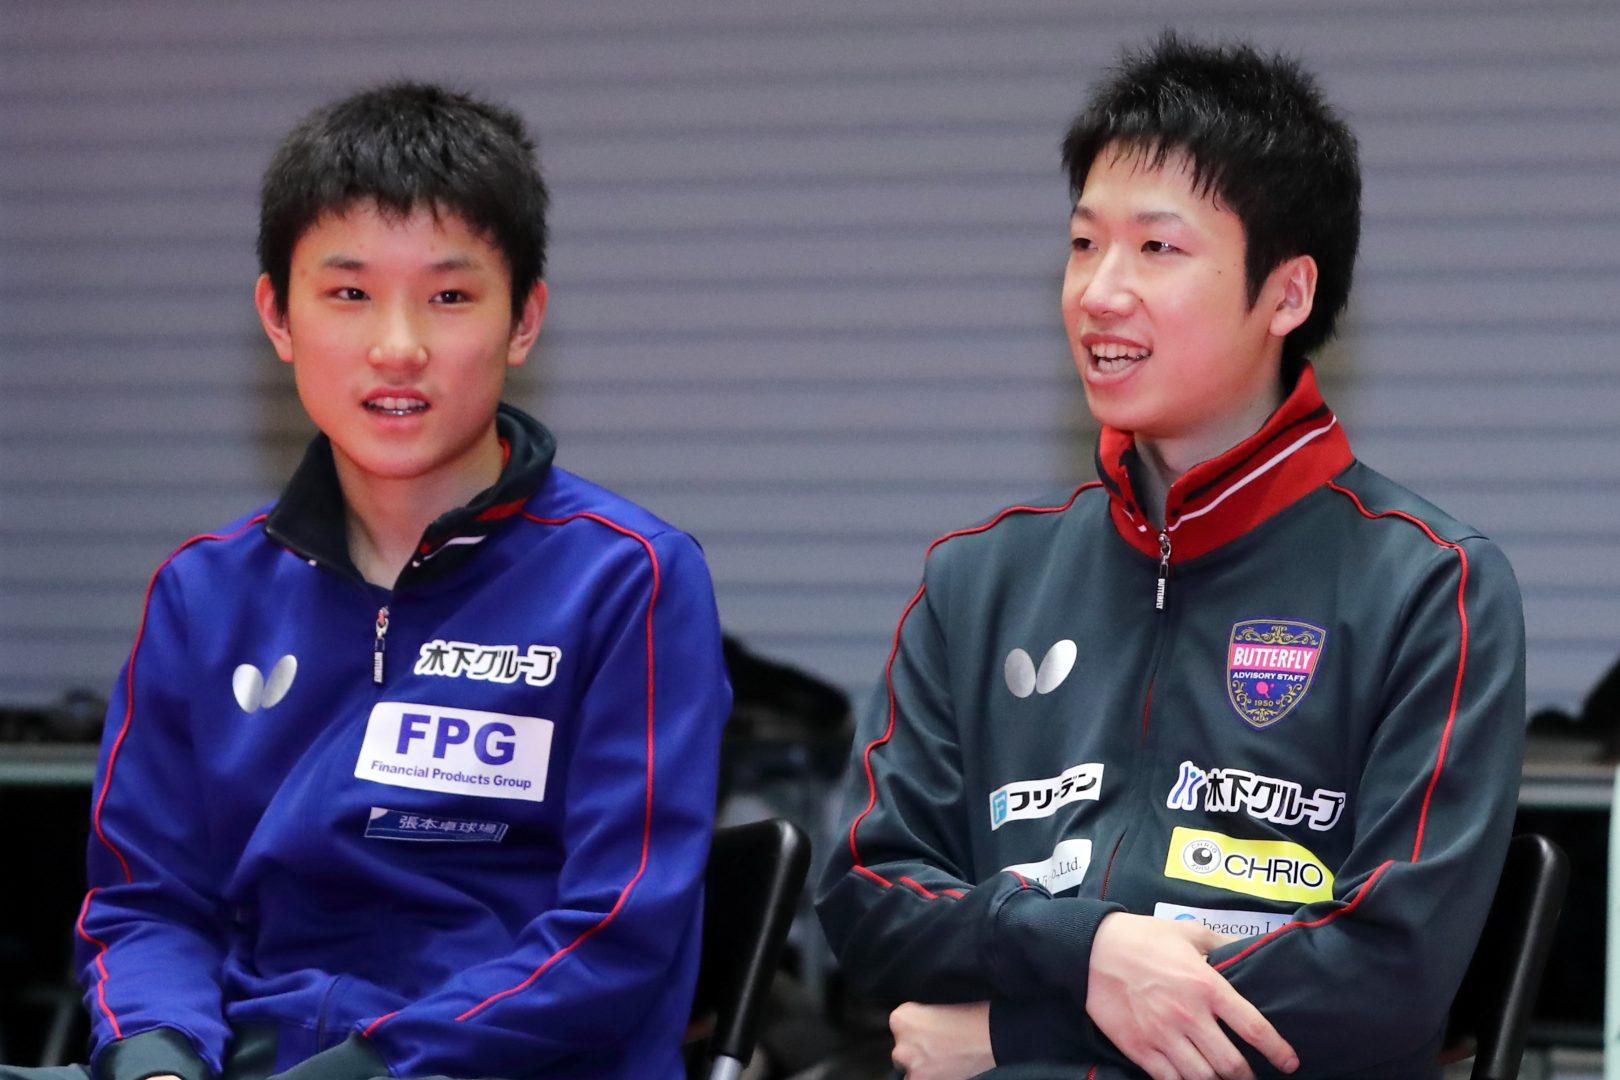 ジャンクSPORTSが卓球オンリーで1時間 水谷「8年前は根暗なスポーツだった」